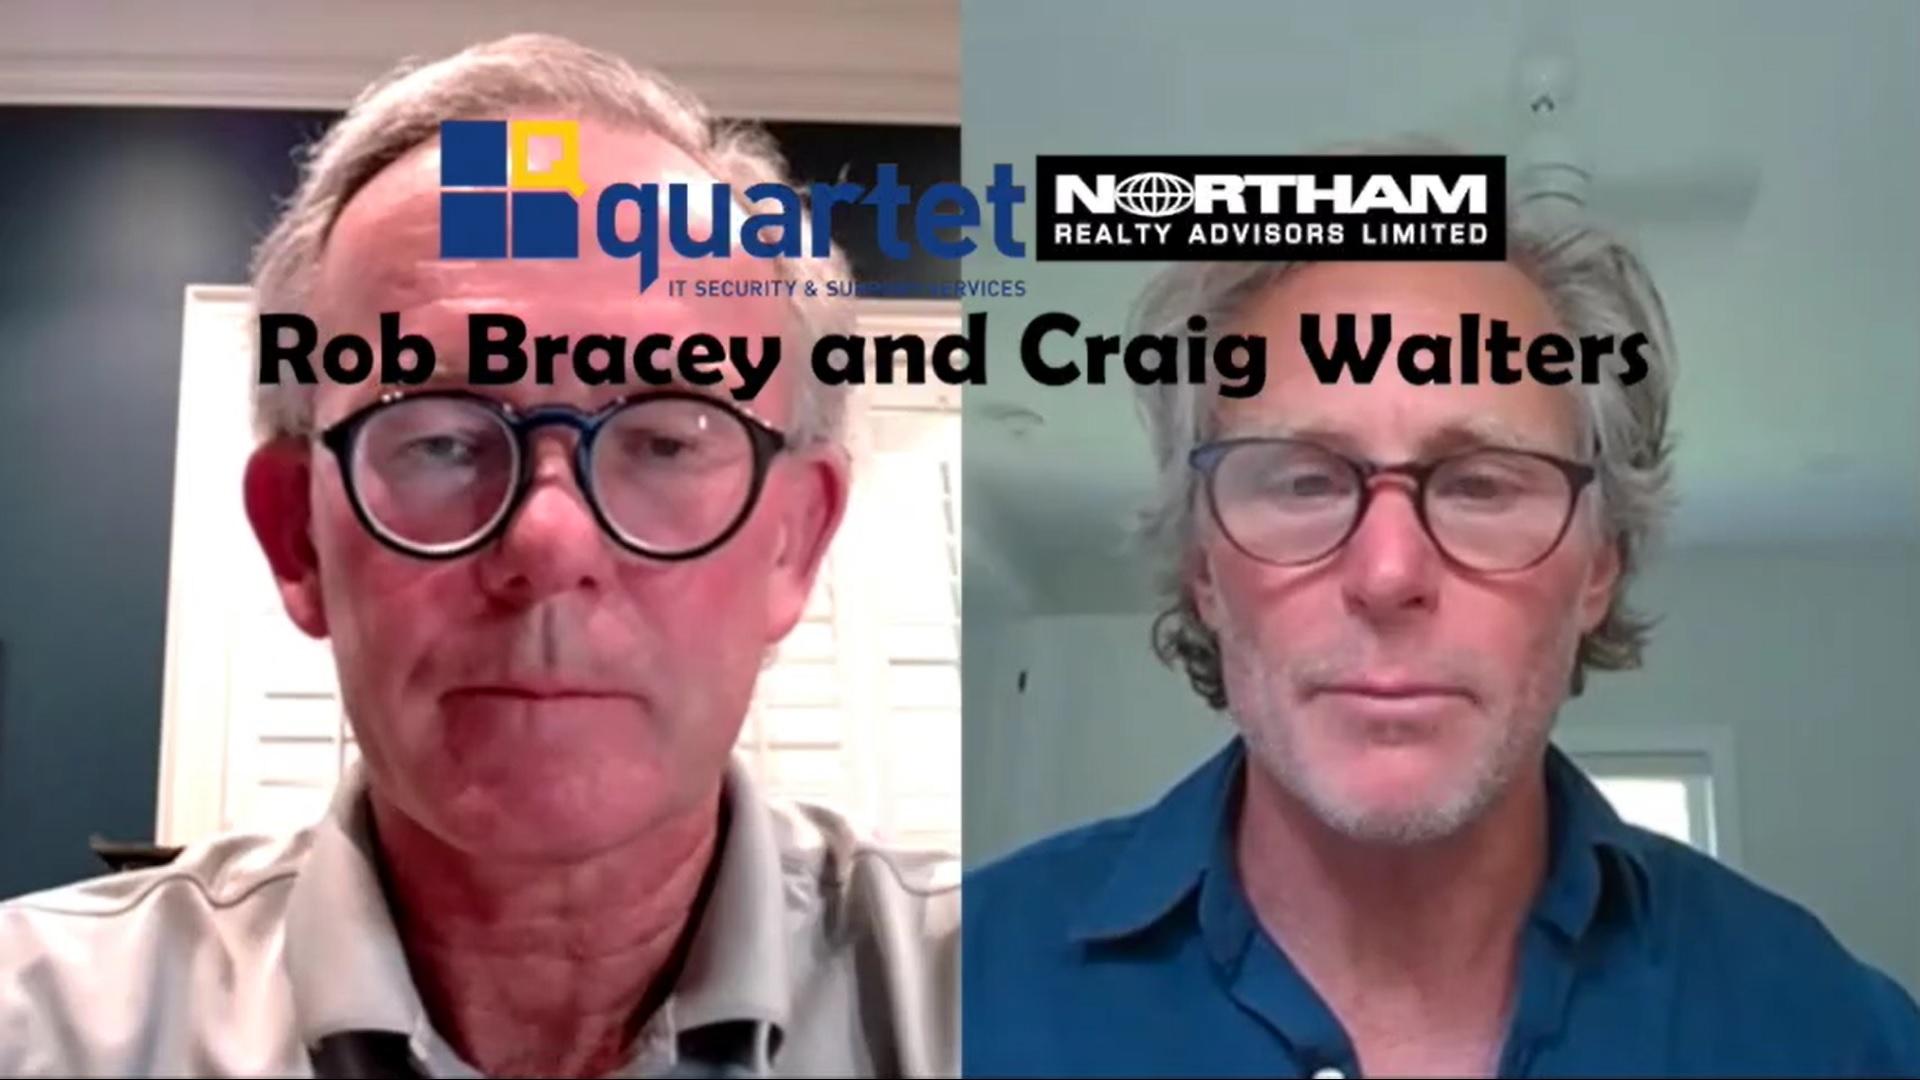 Rob Bracey & Craig Walters